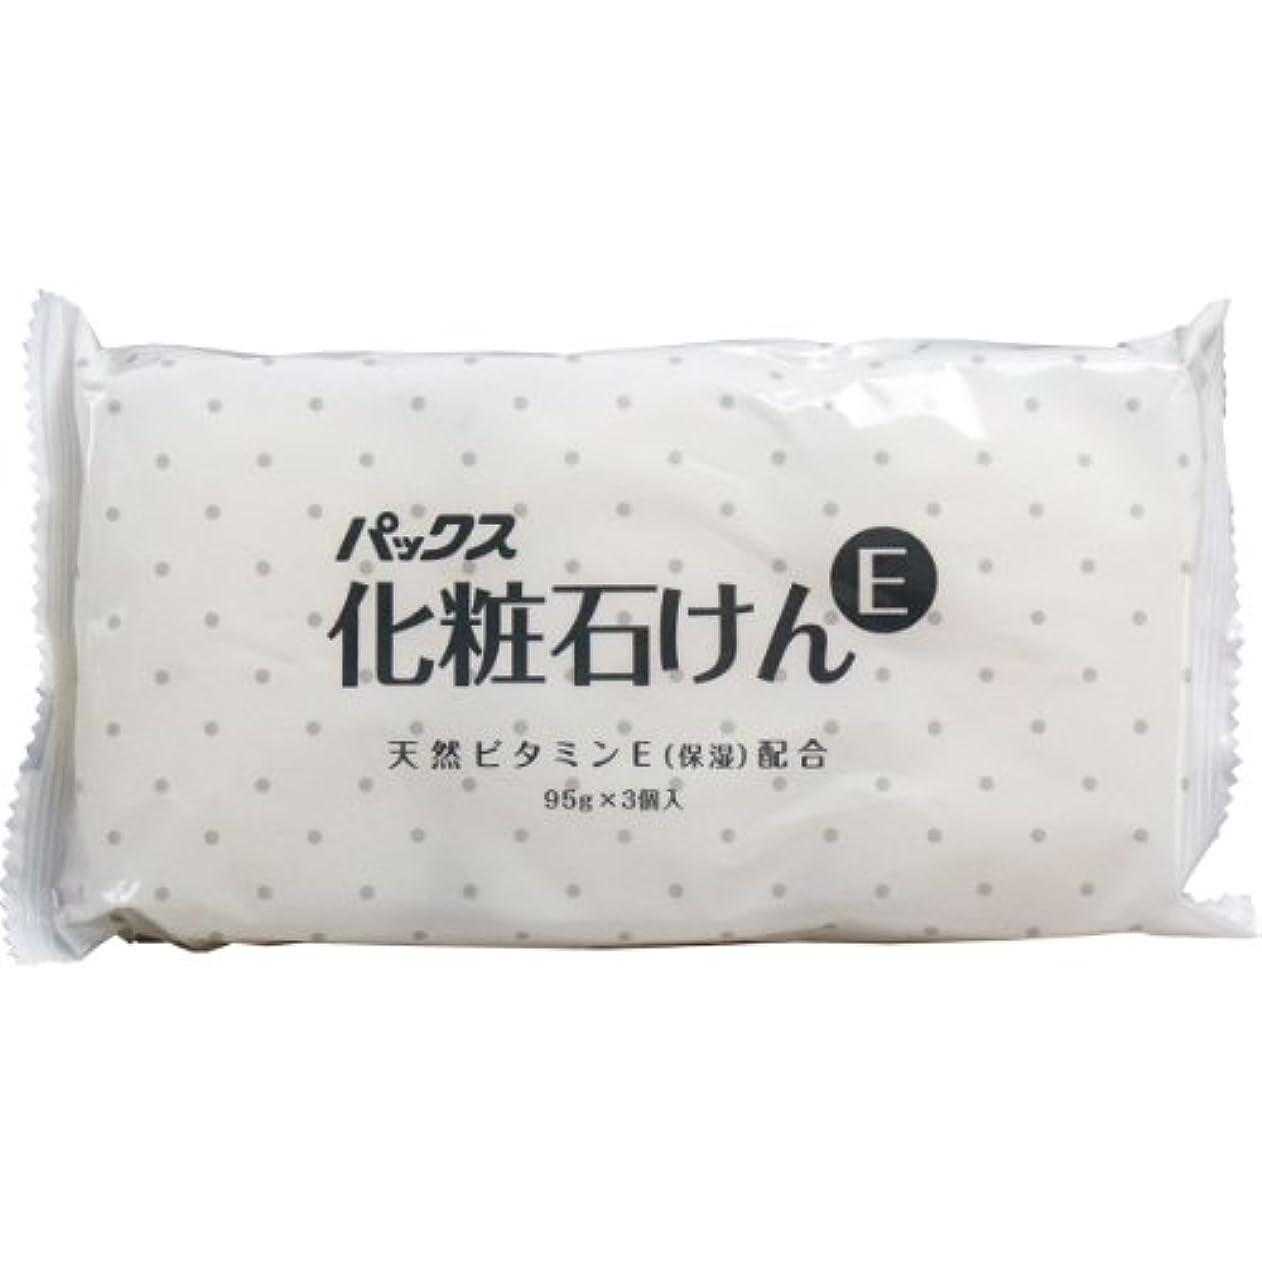 シティマージン肉腫パックス化粧石けんE 95g×3